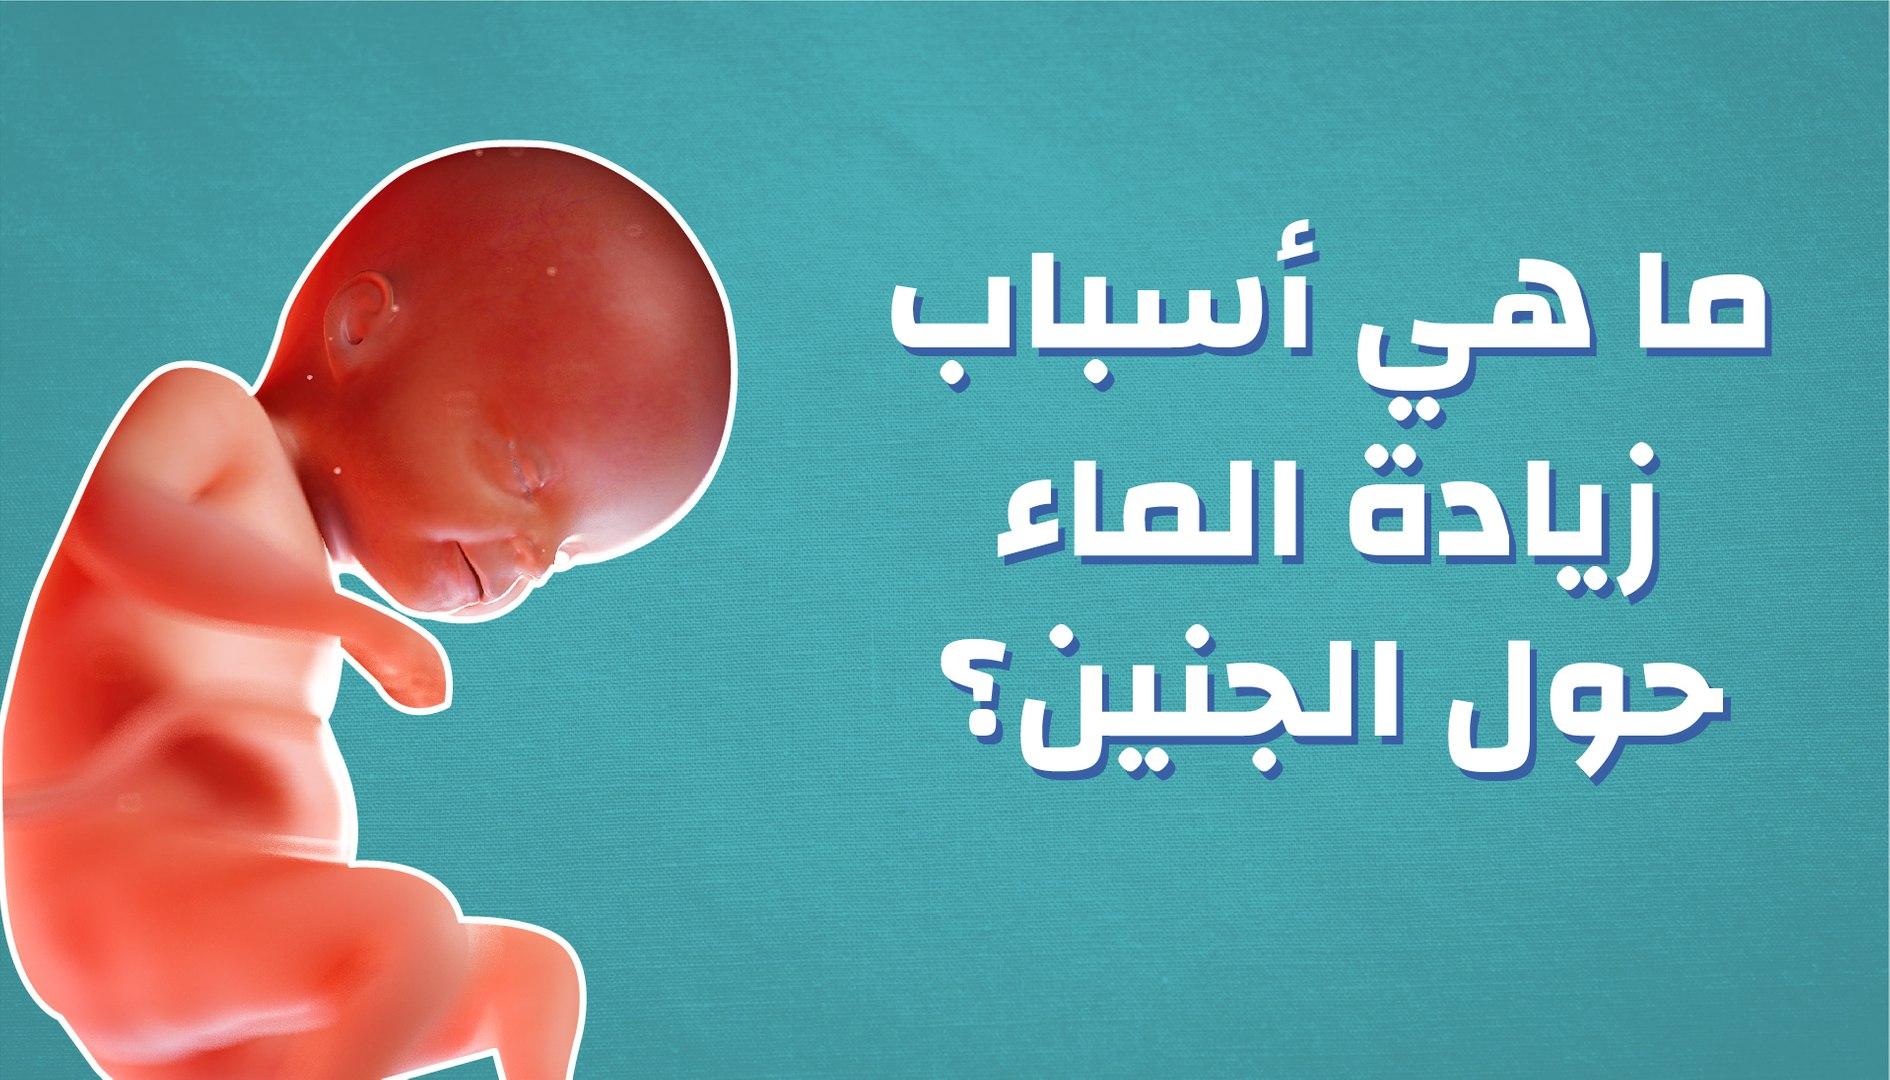 زيادة الماء حول الجنين الأسباب والعلاجات مجلة سيدات الامارات